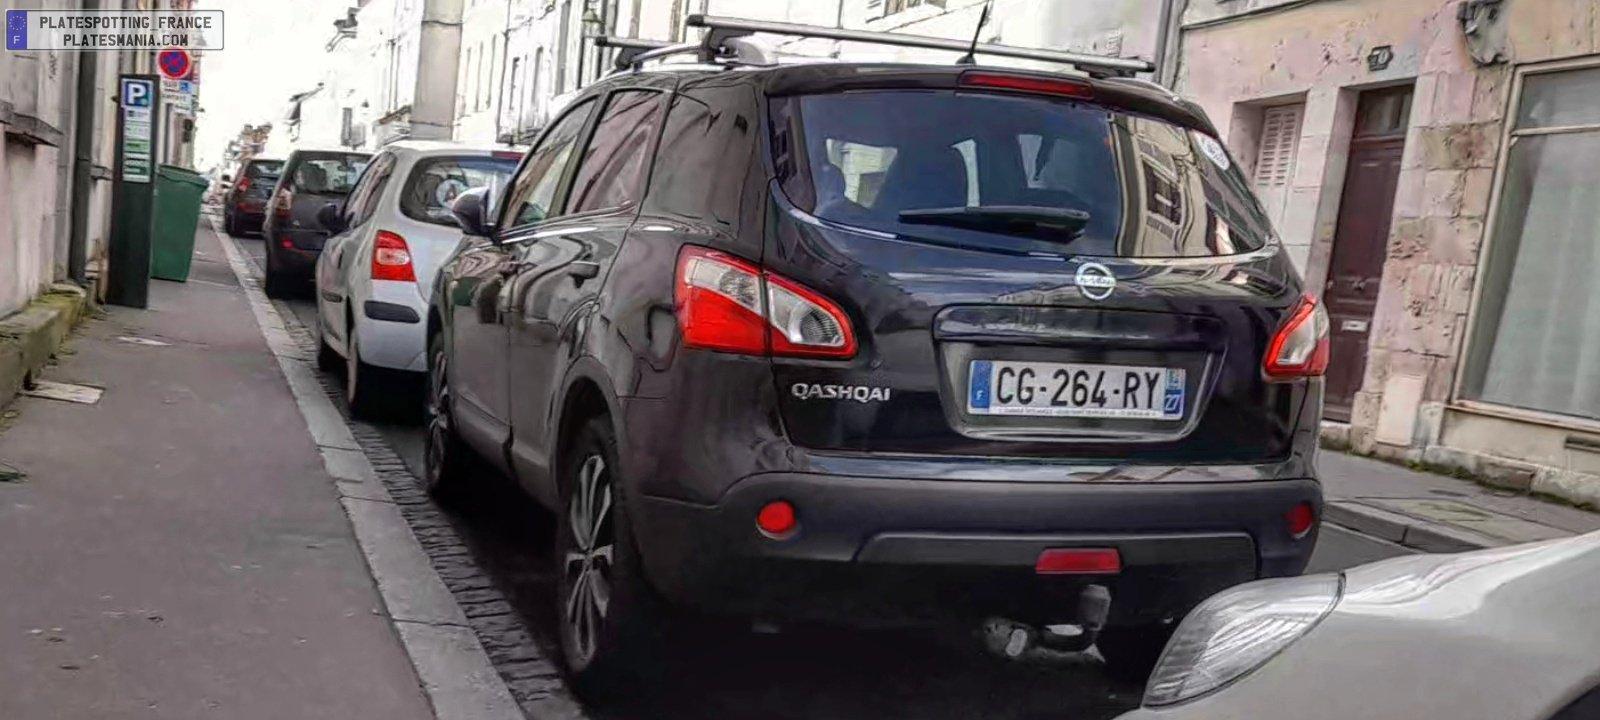 Nissan Qashqai 16350867